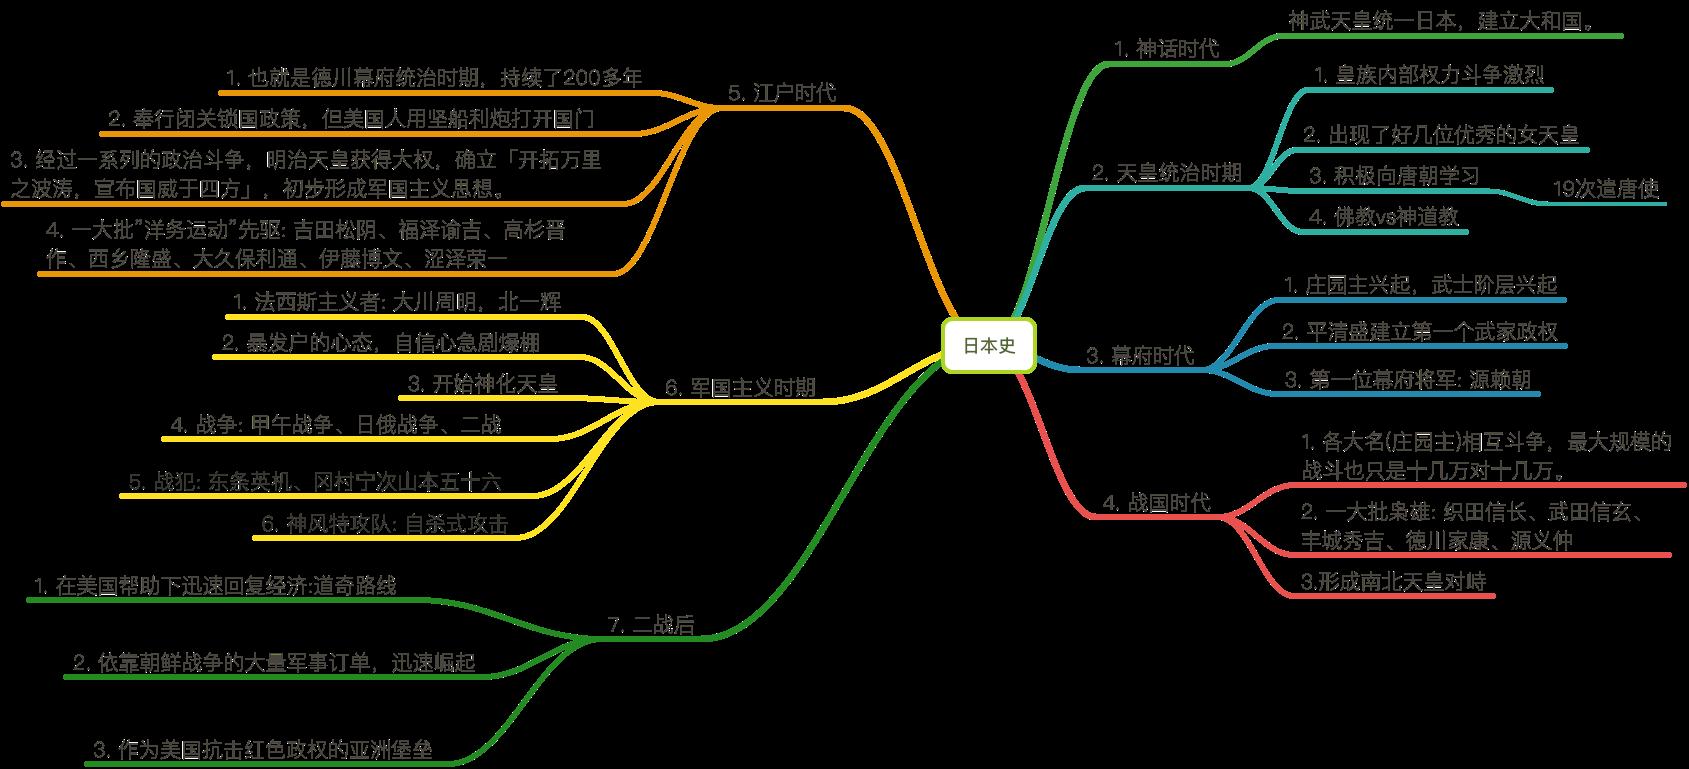 日本历史的脑图